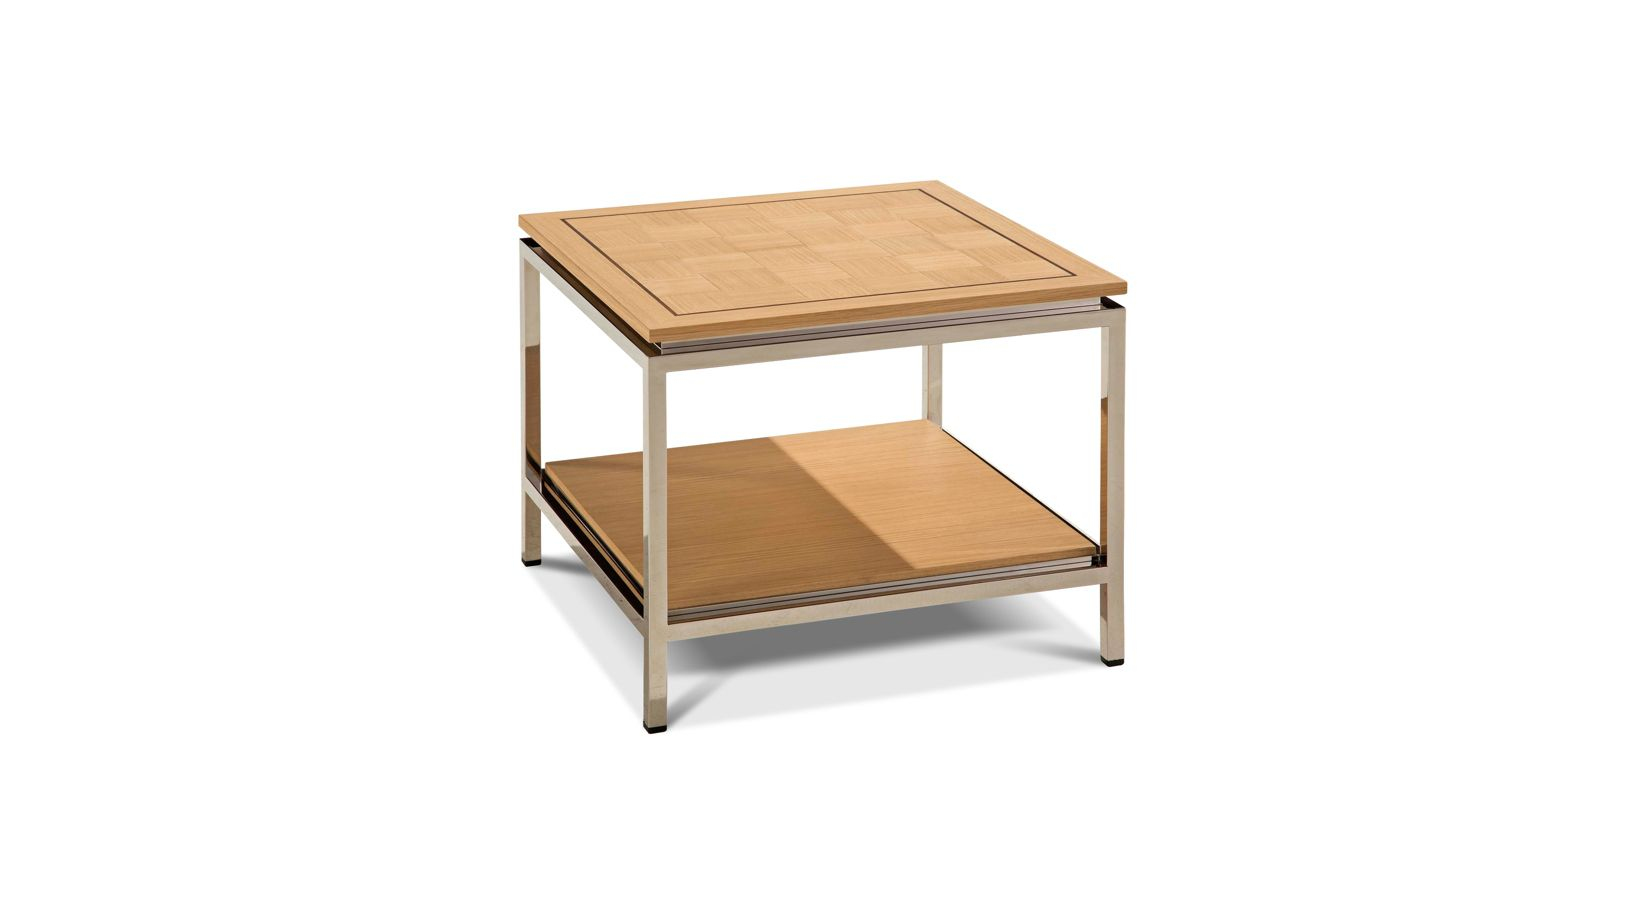 Epoq end table nouveaux classiques collection roche bobois - Table roche et bobois ...